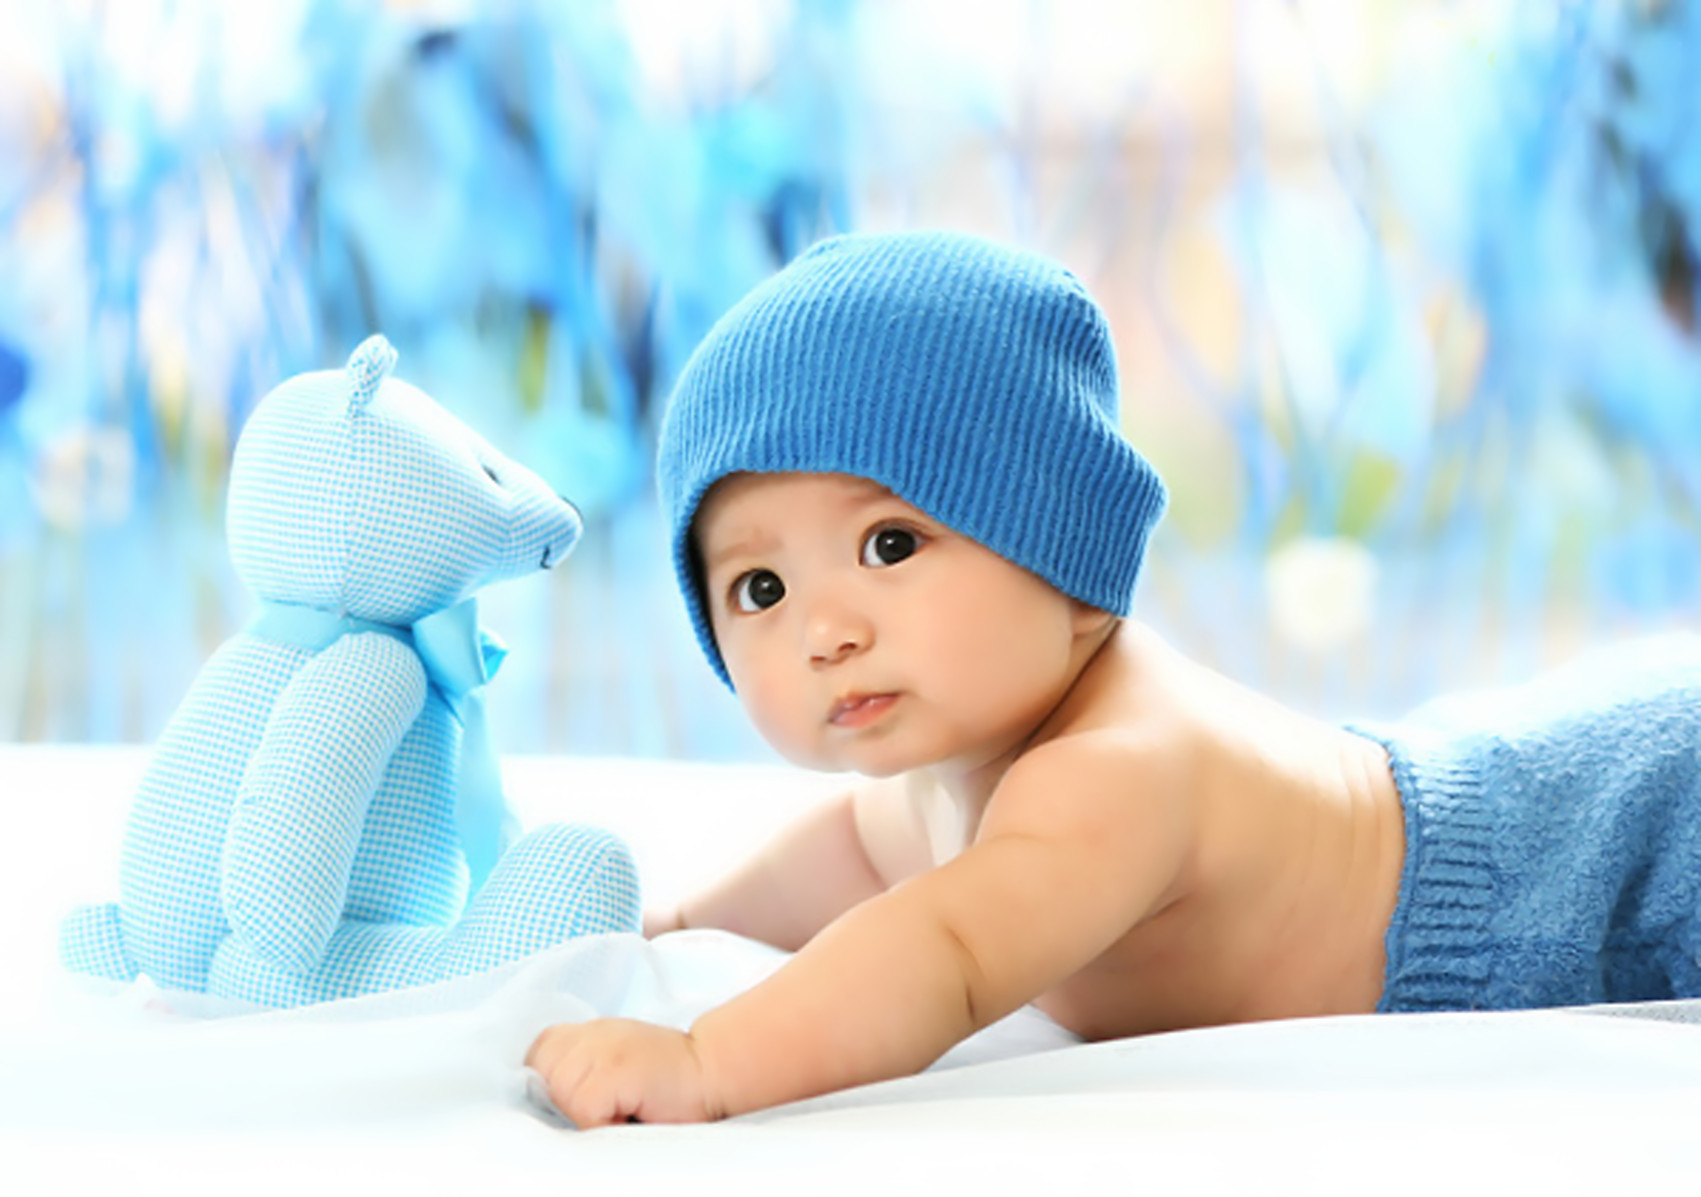 漂亮小宝宝桌面图片_小宝宝壁纸_裕安图片网